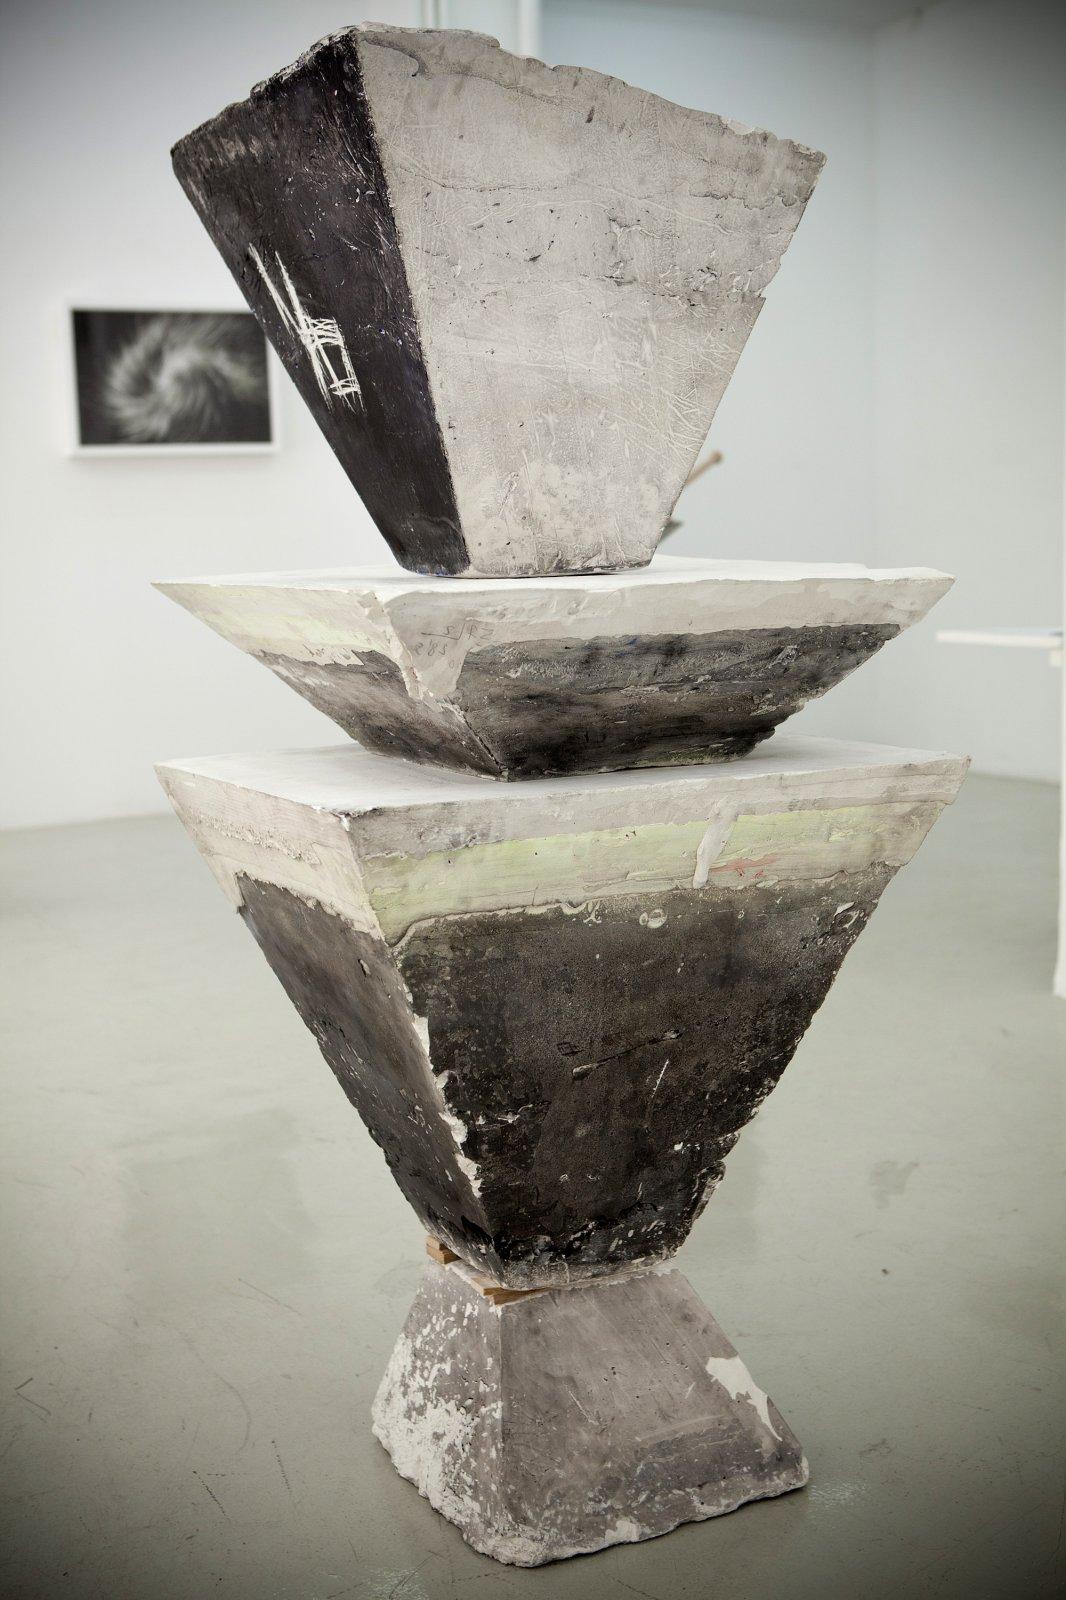 9. Galería Bacelos. \'Pareidolia\'. June Crespo - \'De Un No, Un Sí\'